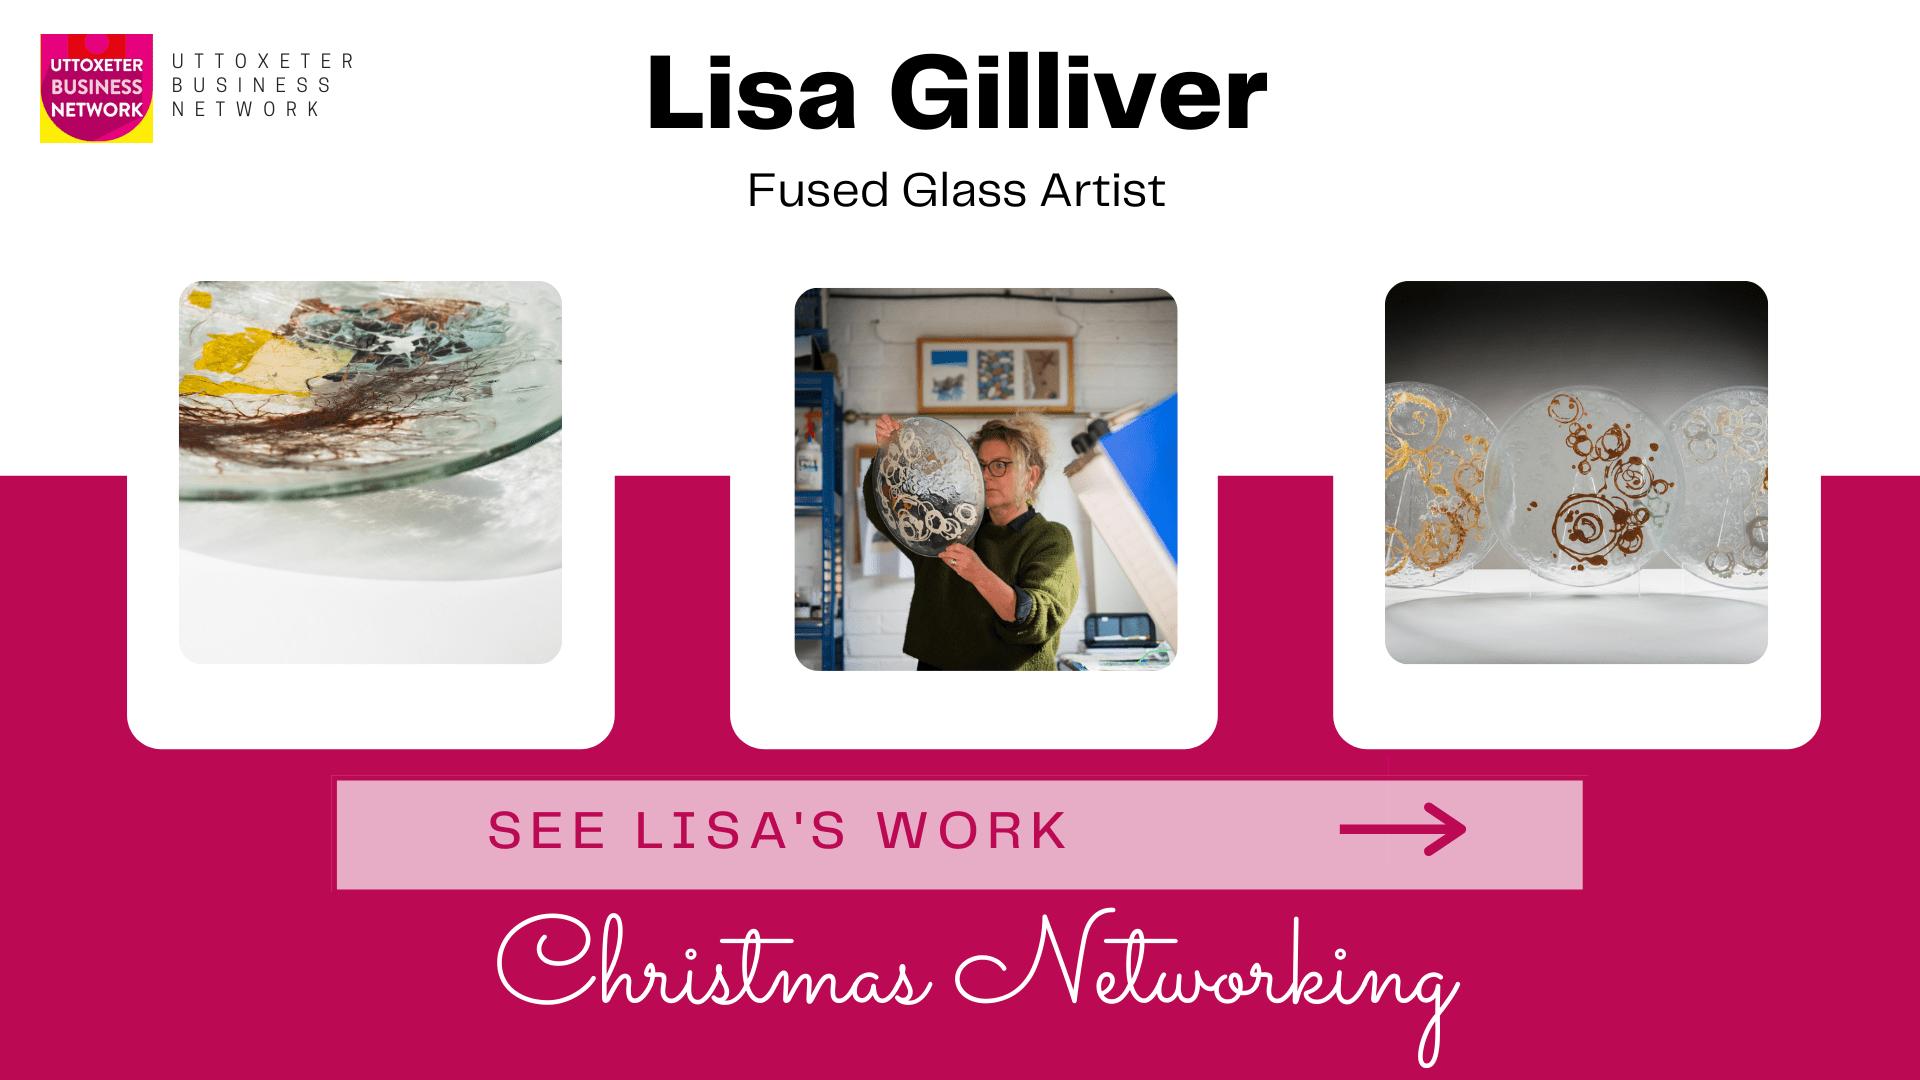 Lisa Gilliver